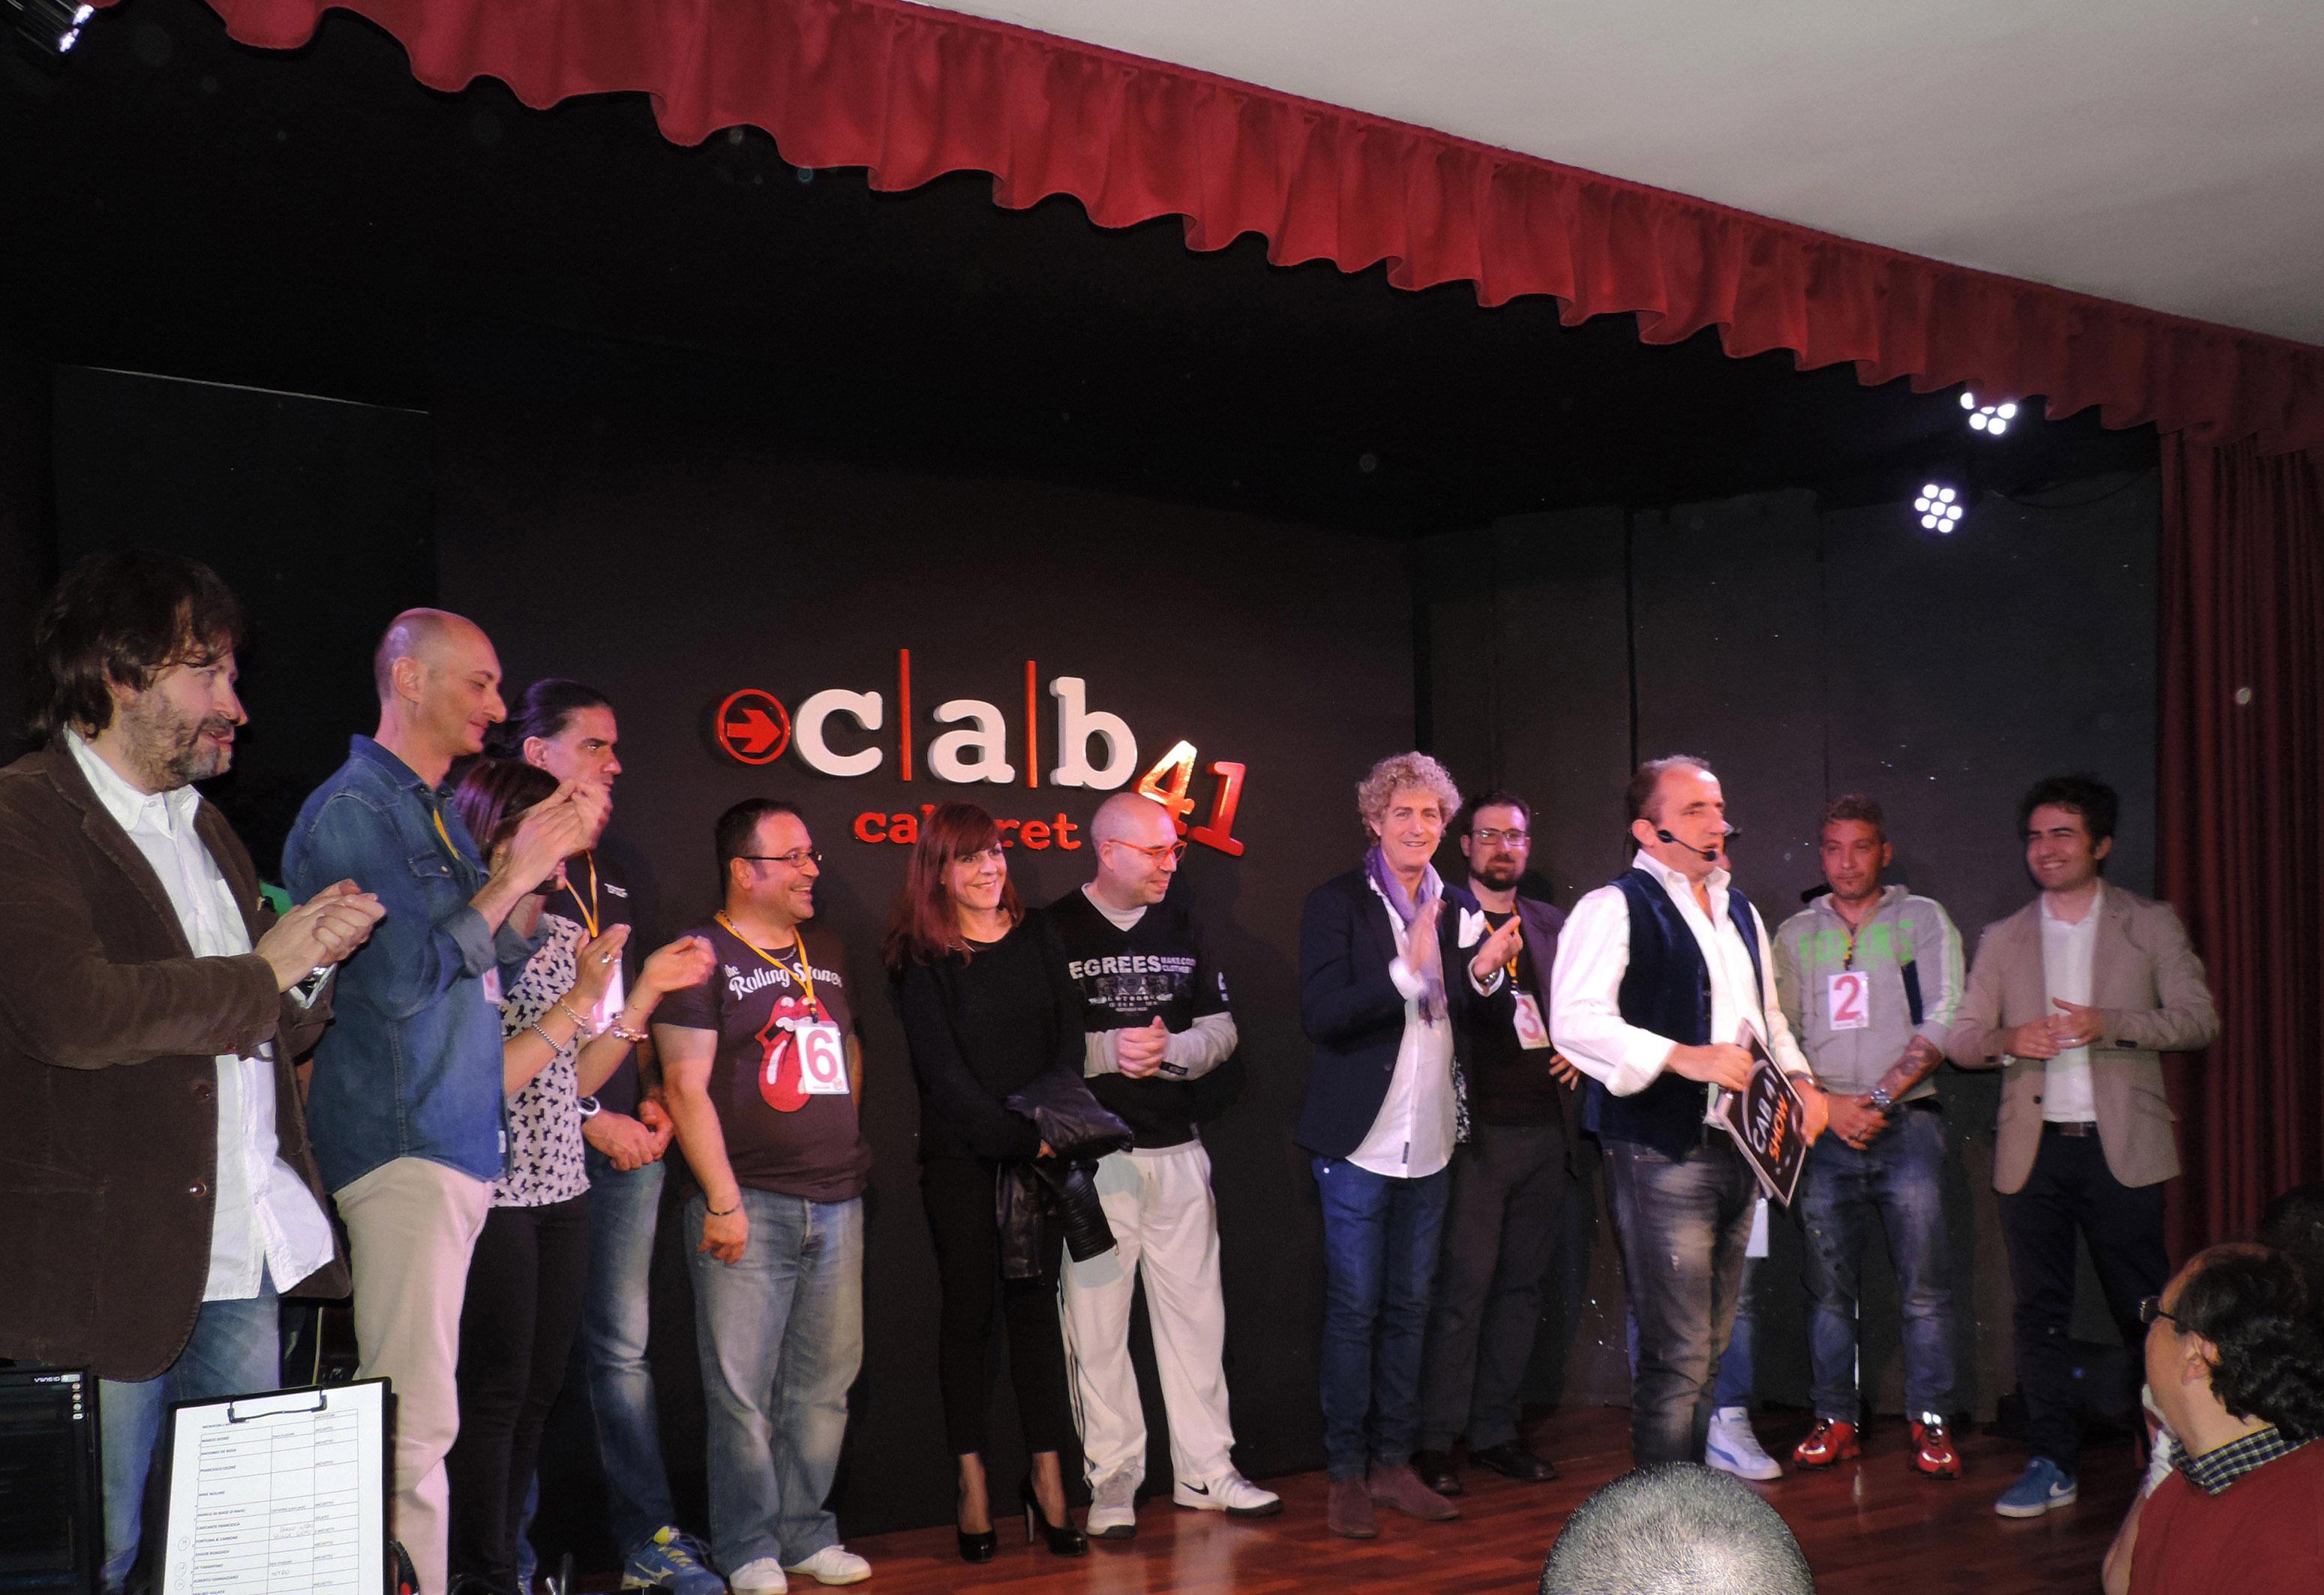 """Il festival del cabaret strega anche Torino. Al Cab41, storico locale del cabaret torinese, si è svolta la seconda selezione del Festival Nazionale del cabaret """"Facce da bronzi"""" – quarta […]"""